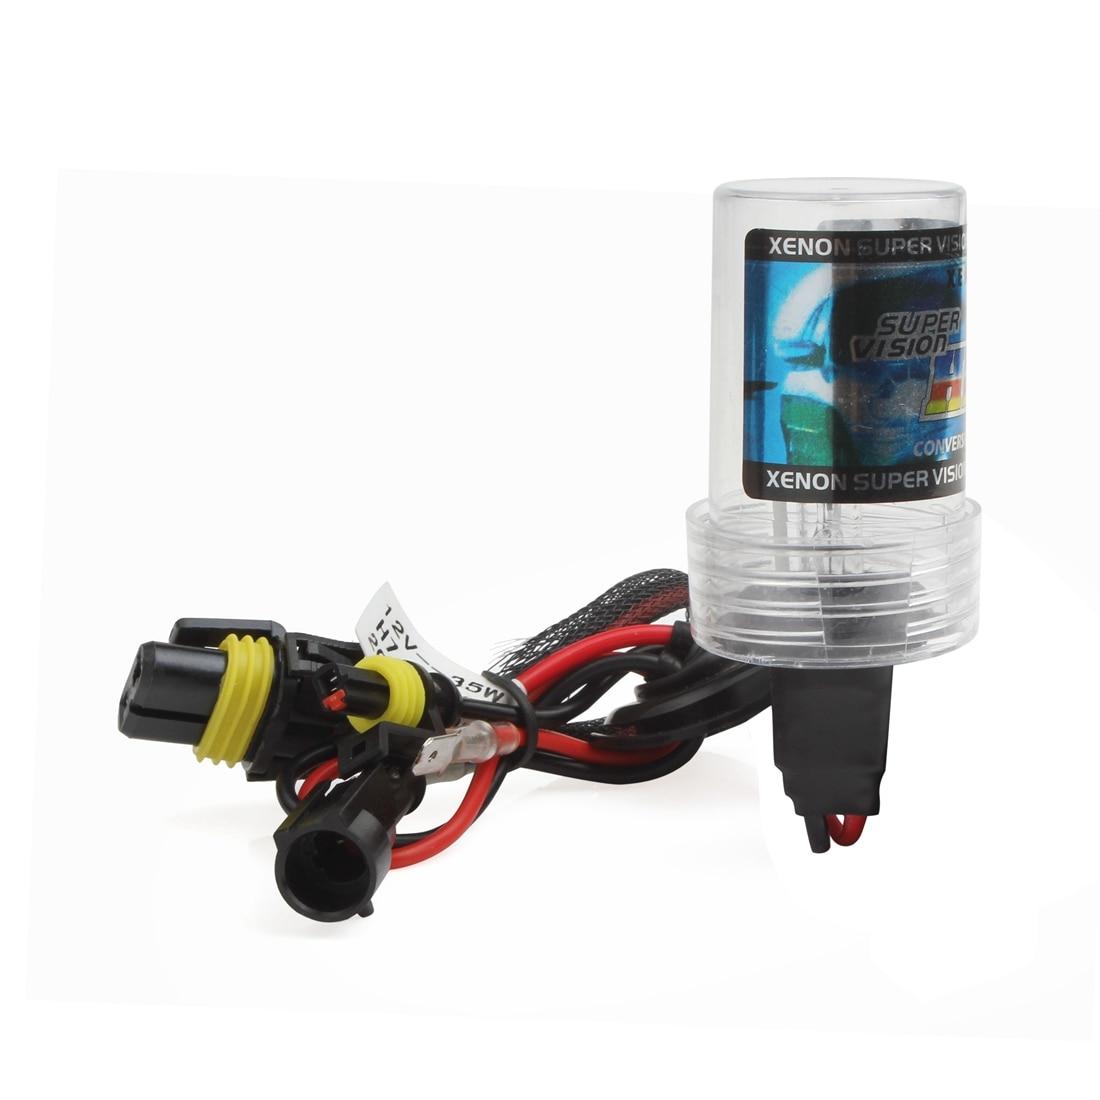 2x35 Вт H7 12 В Автомобильные Haedlight лампы HID ксеноновая лампа 4300K 6000K 8000K 10000K Автомобильные фары лампы для автомобилей SUV IP65 водонепроницаемые